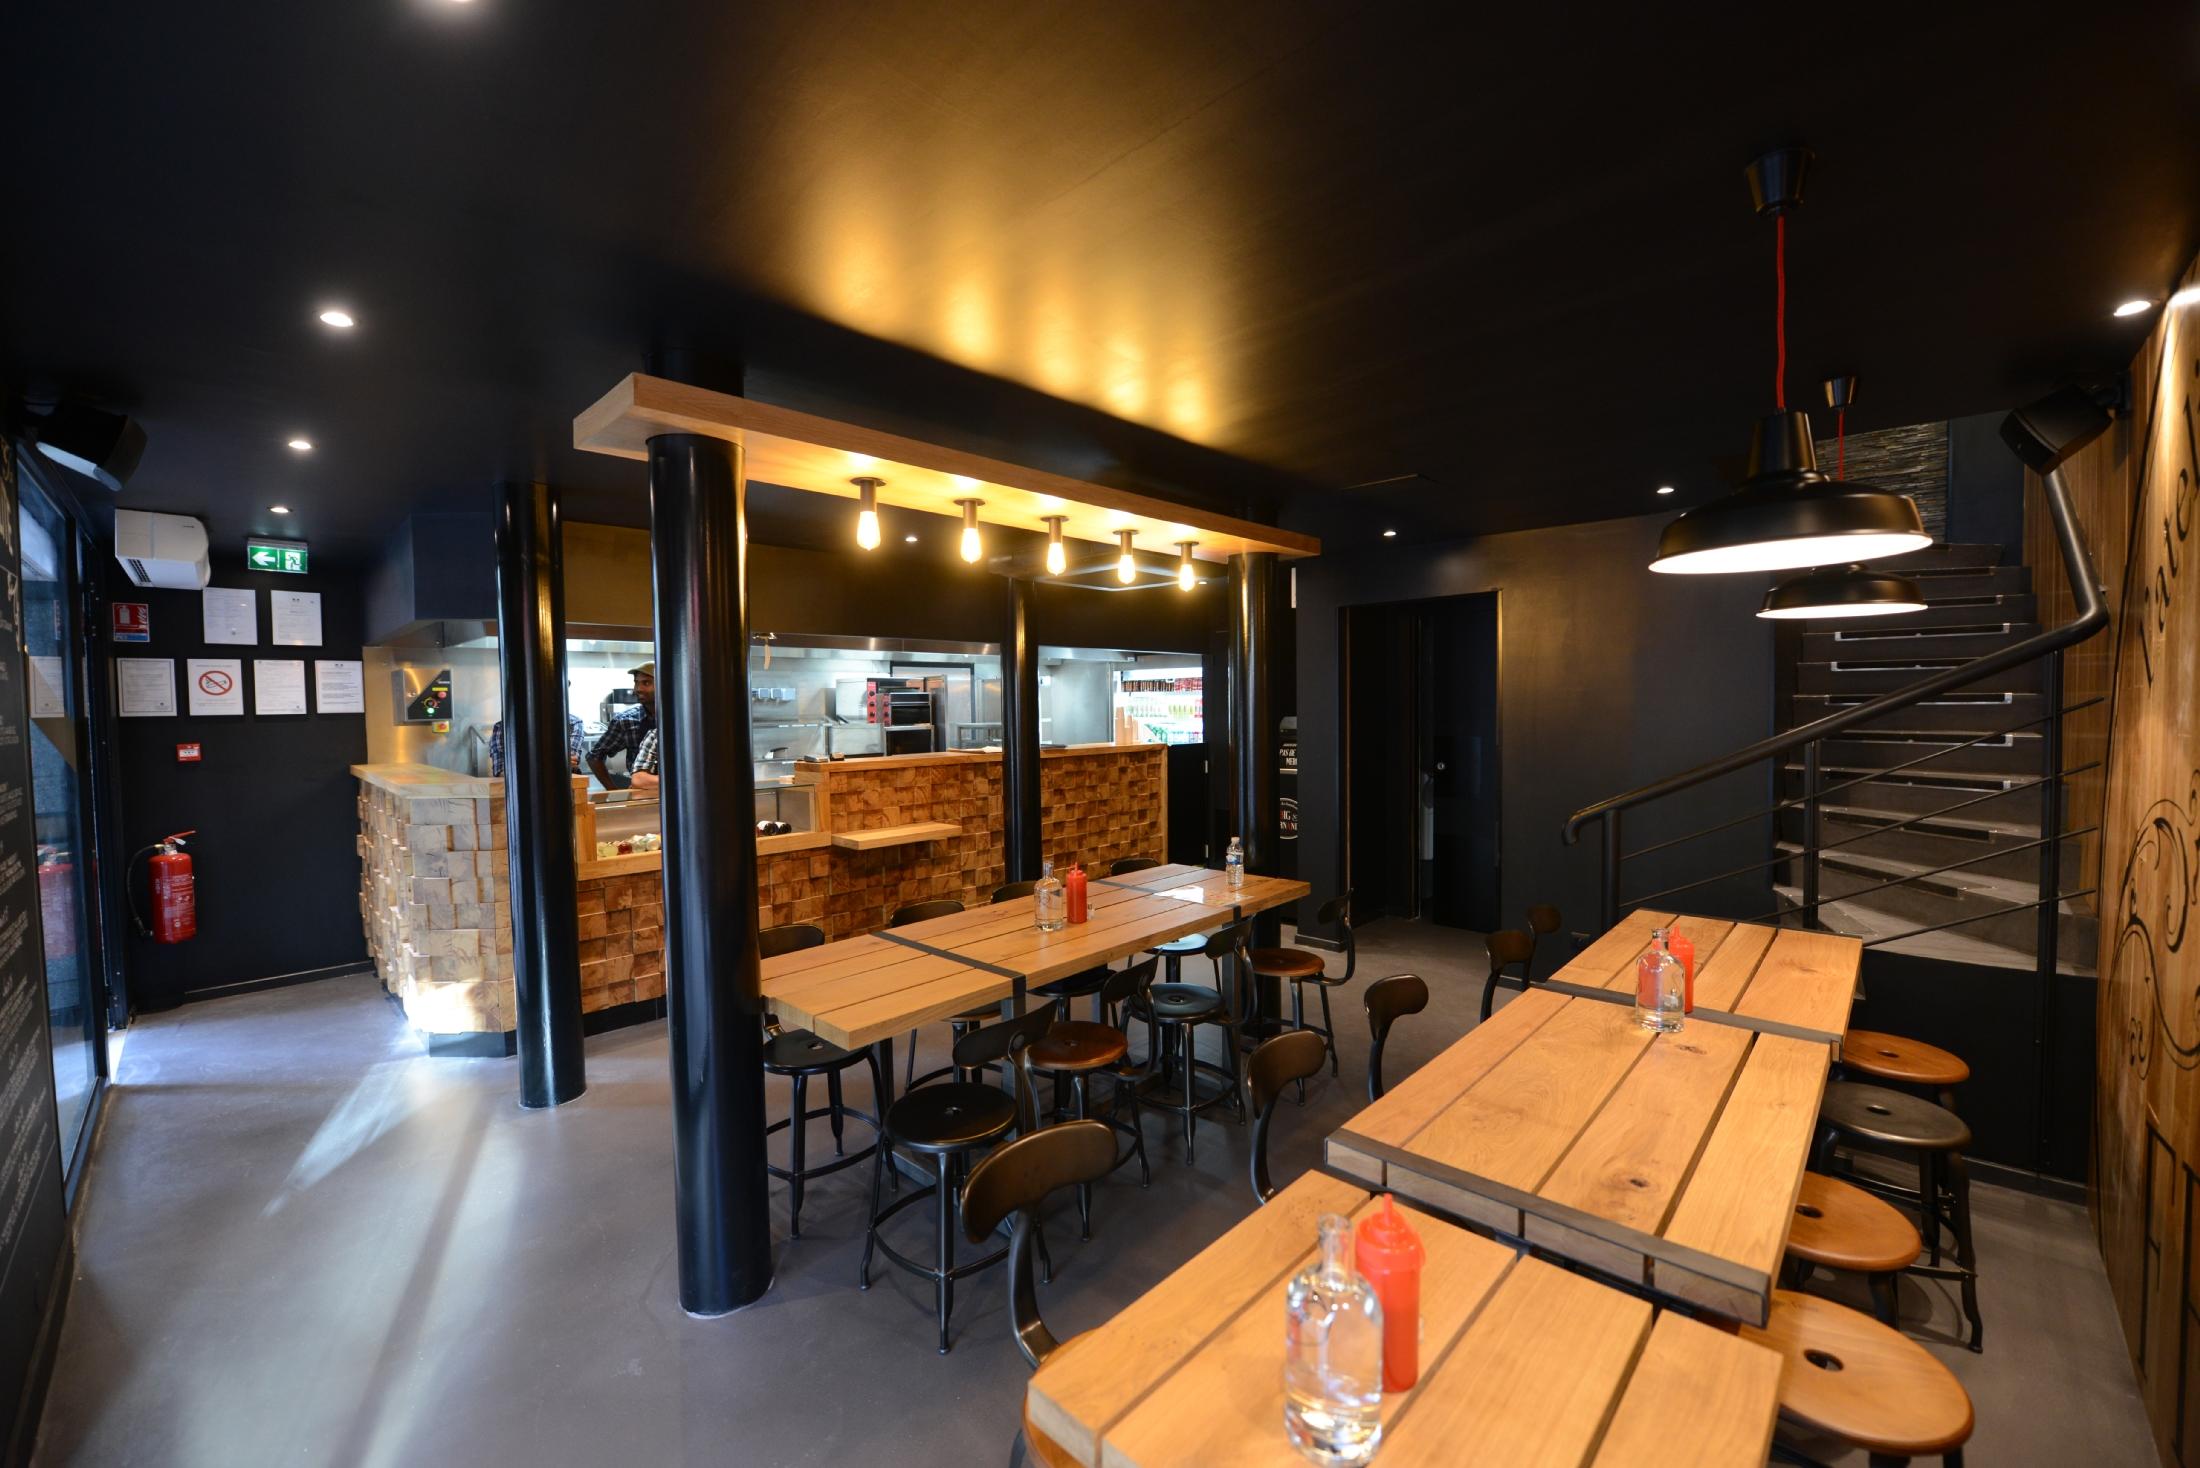 big fernand et ses fameux hamburg s accueille ses premiers clients dans le quartier michelet. Black Bedroom Furniture Sets. Home Design Ideas